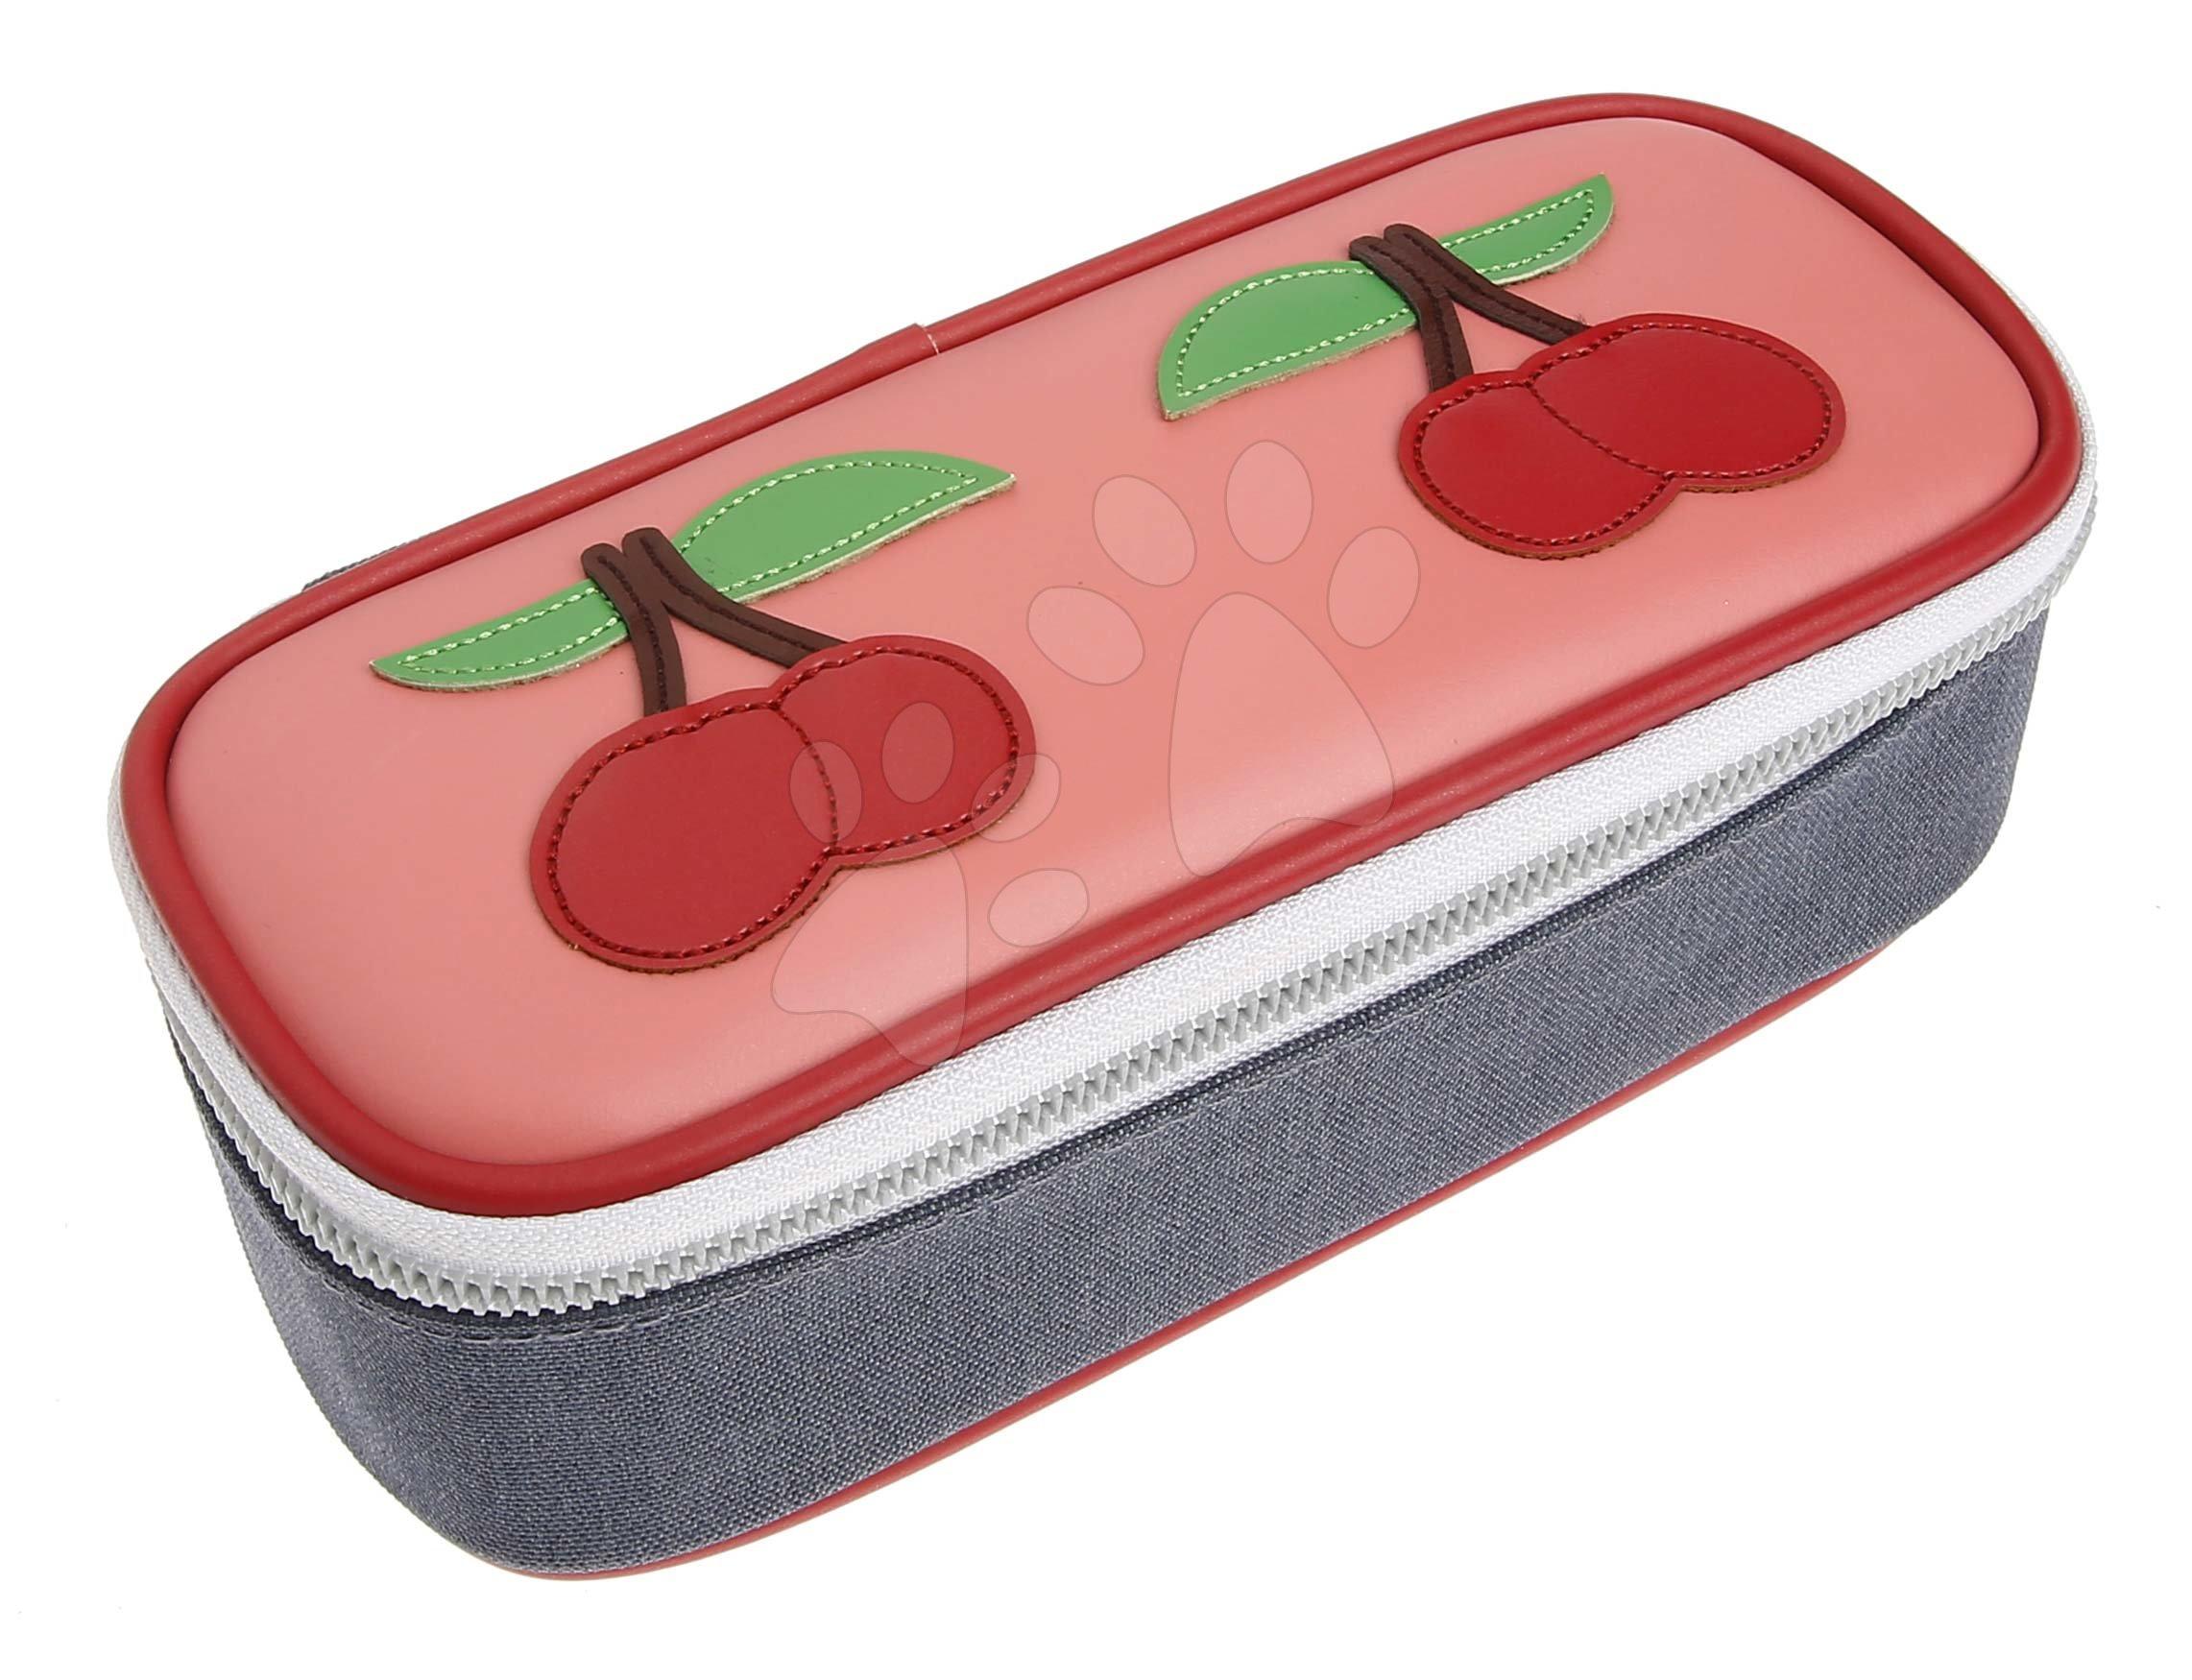 Školský peračník Pencil Box Cherry Pink Jeune Premier ergonomický luxusné prevedenie 22*7 cm